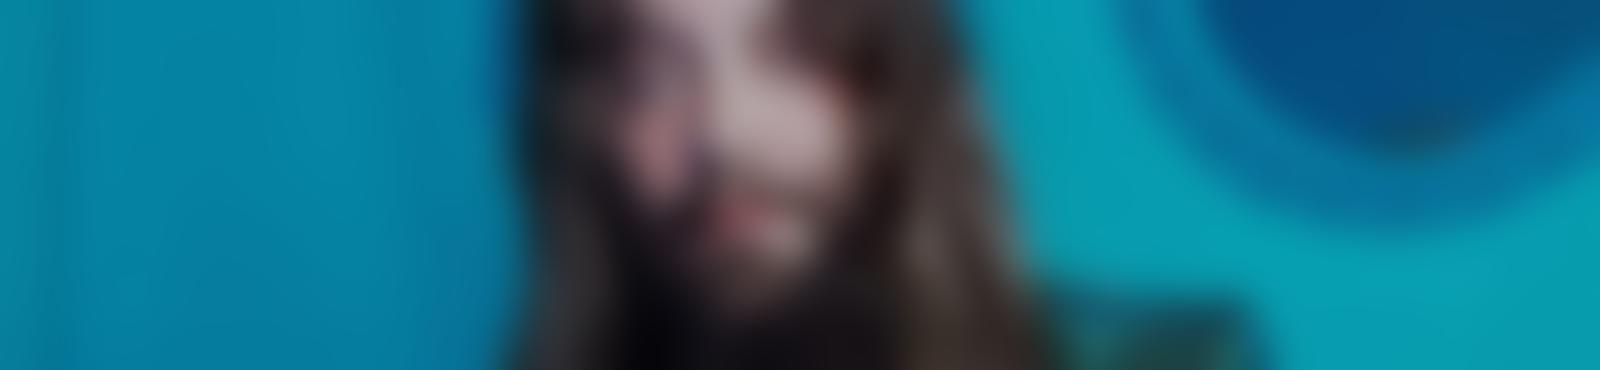 Blurred 9c149b6e 84e0 4994 9a8b 4c45cd1d1081